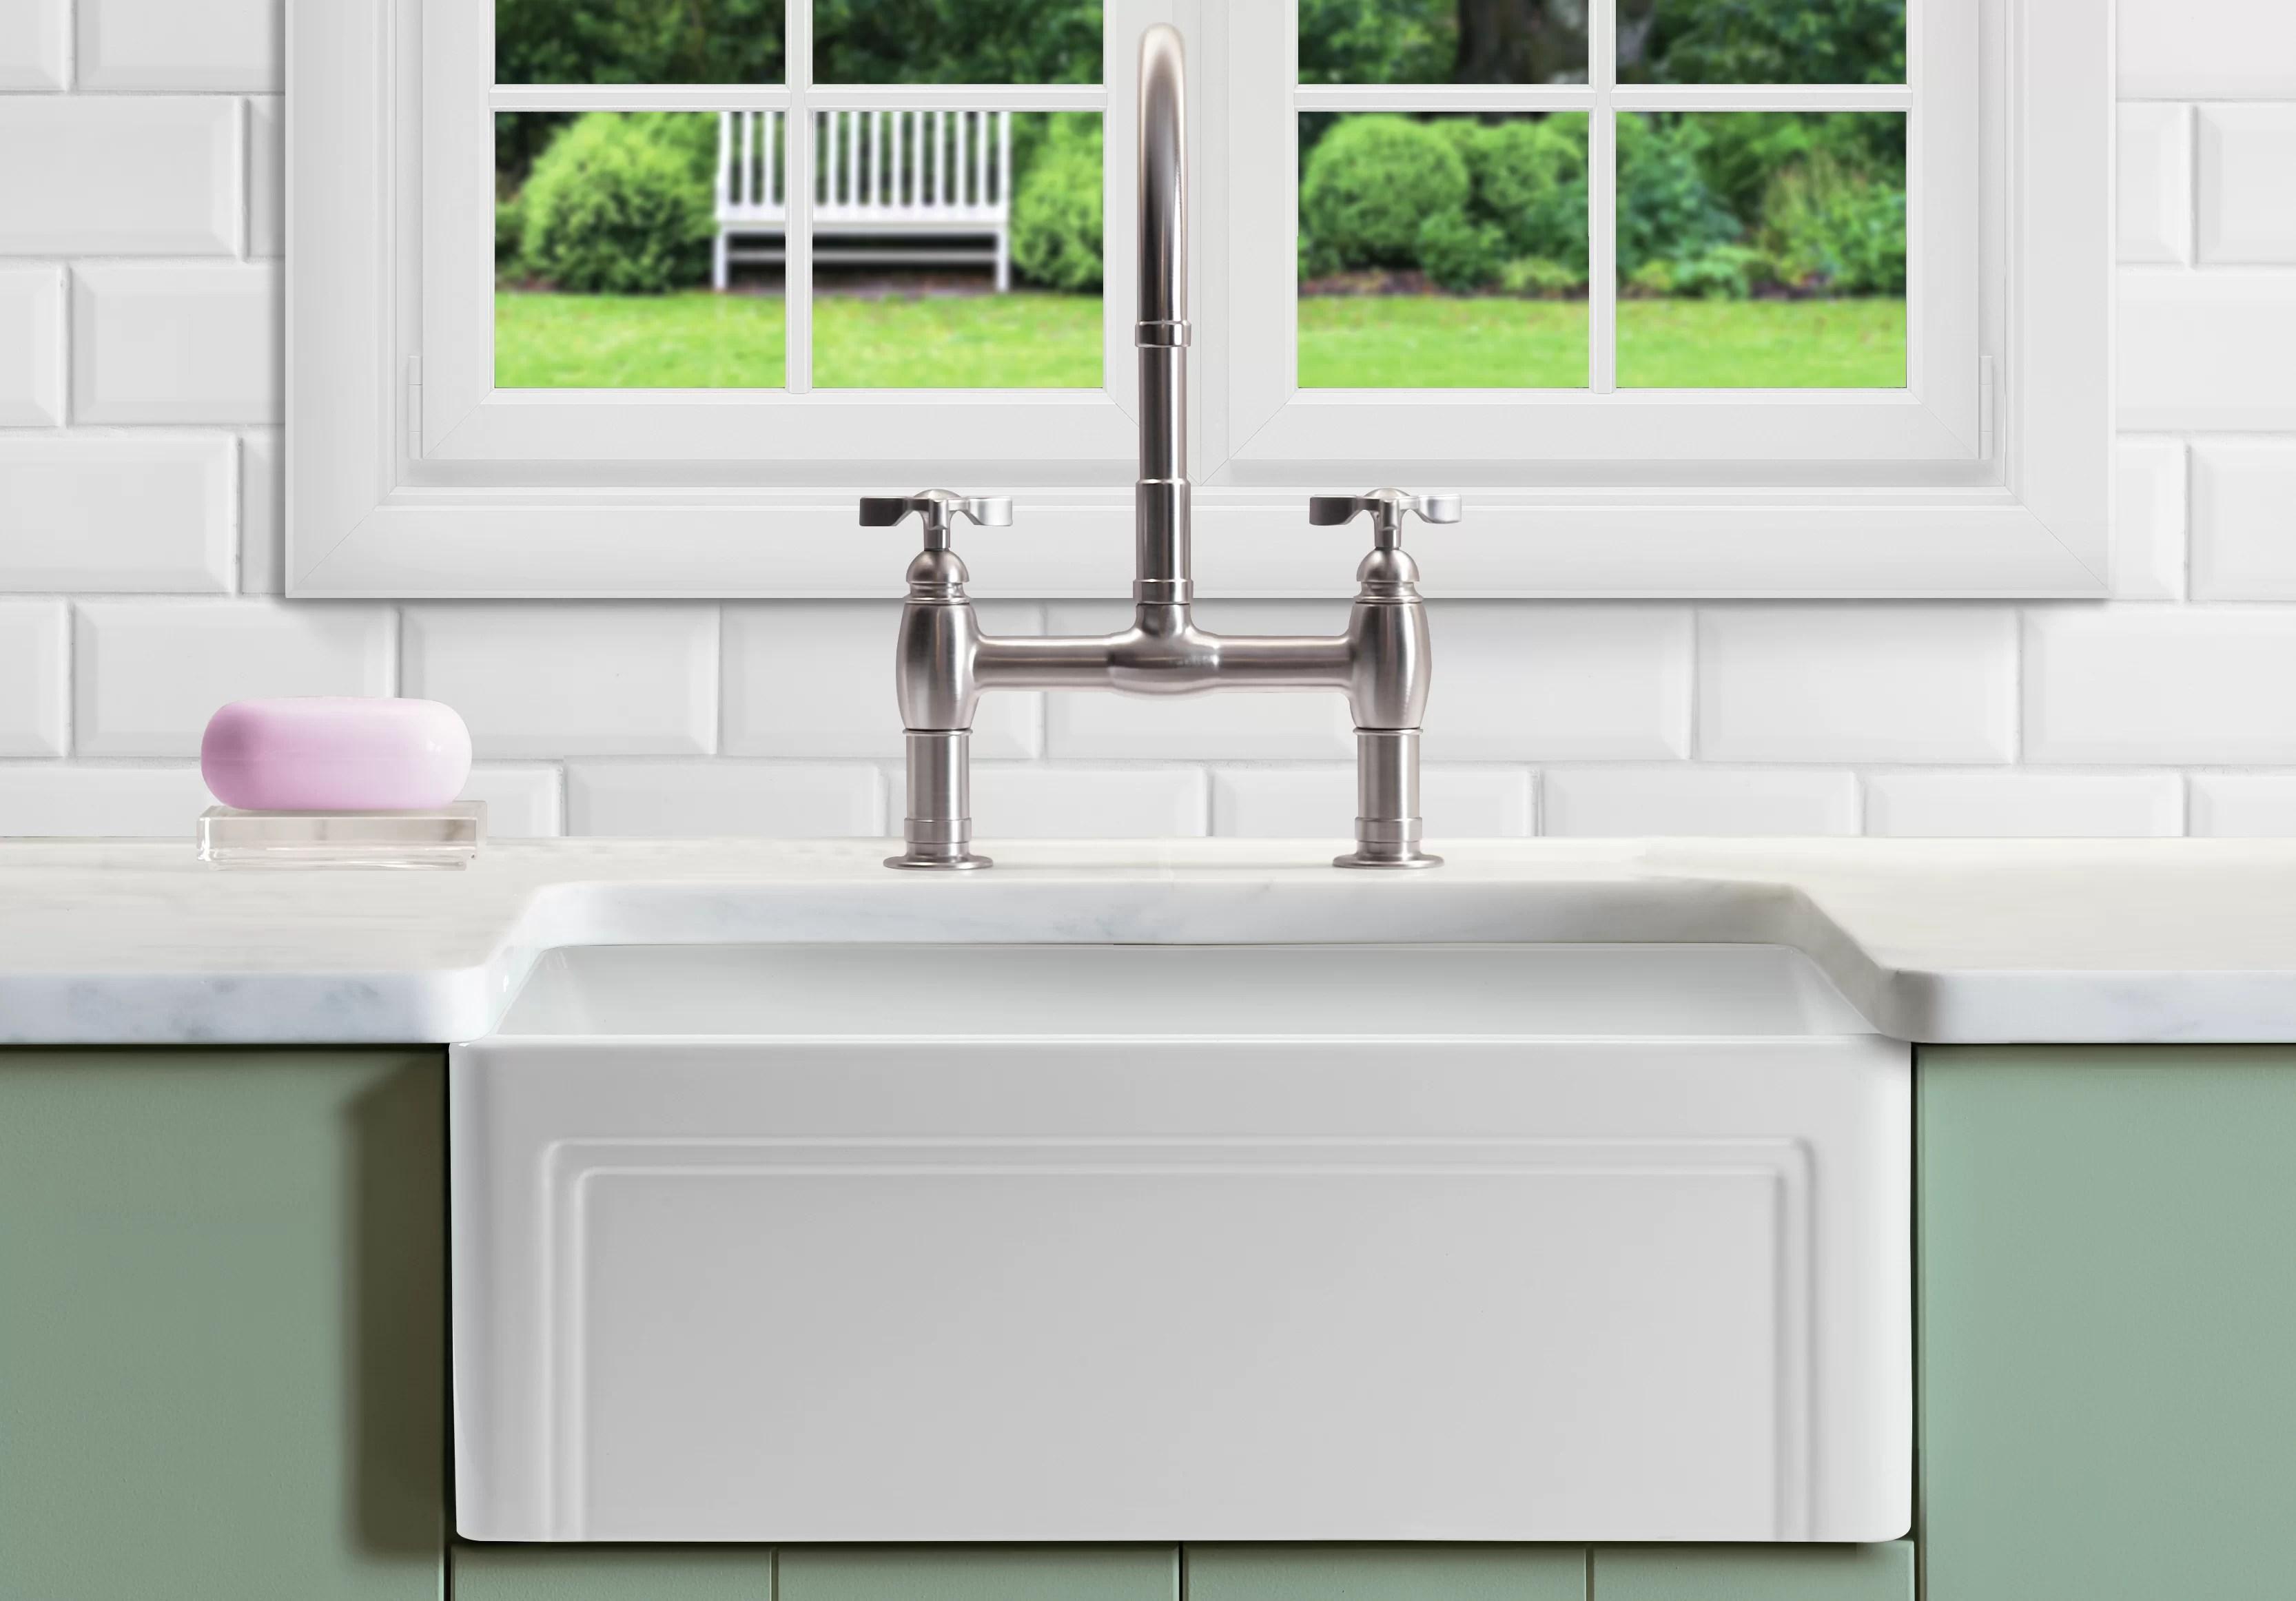 retta 27 l x 18 w farmhouse kitchen sink with sink grid and basket strainer